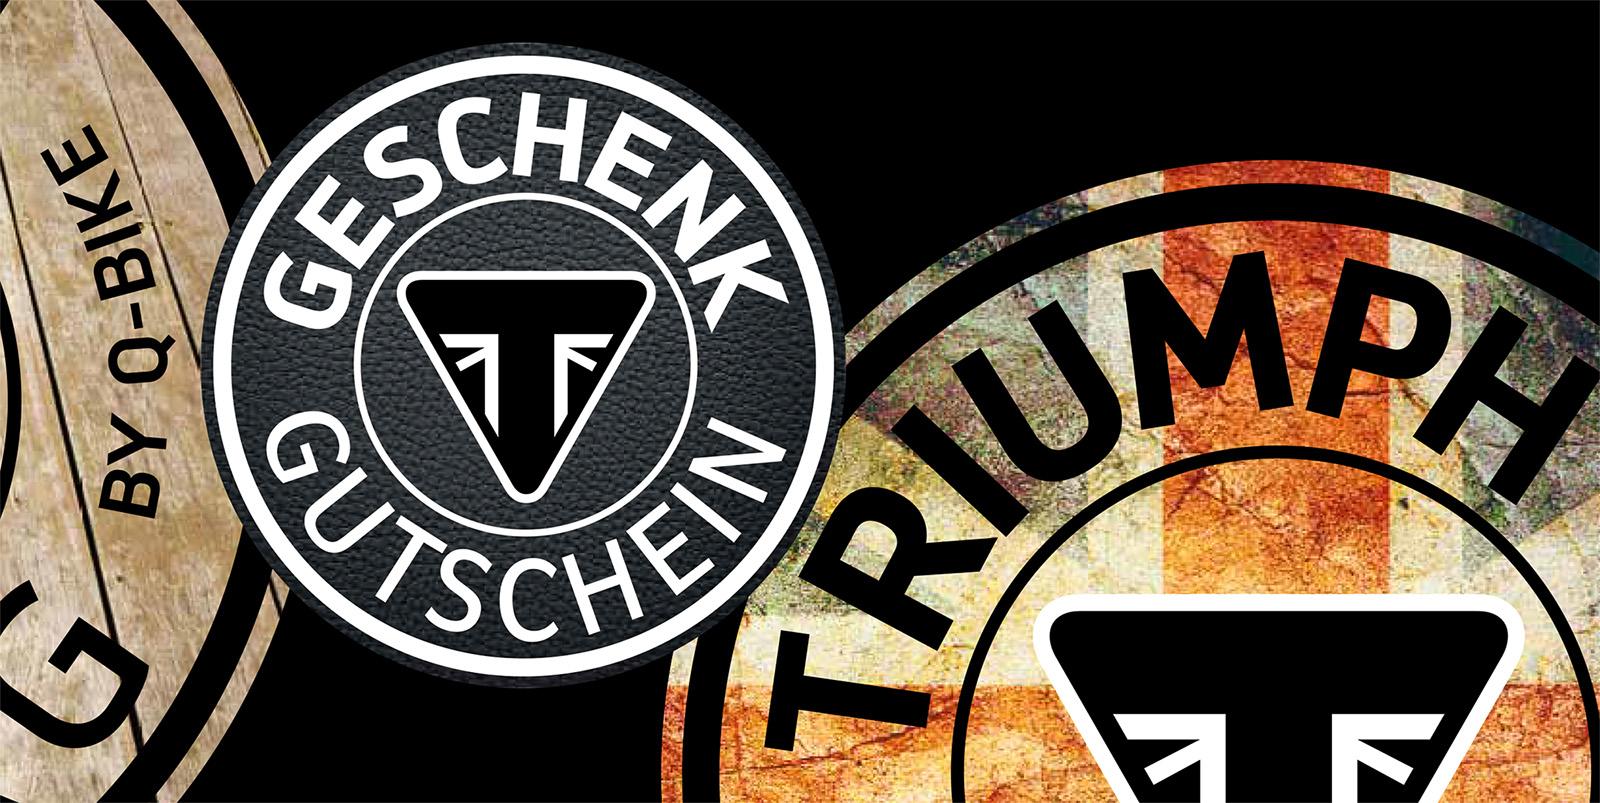 Triumph-GeschenkeGutscheine_RZ_ans-1